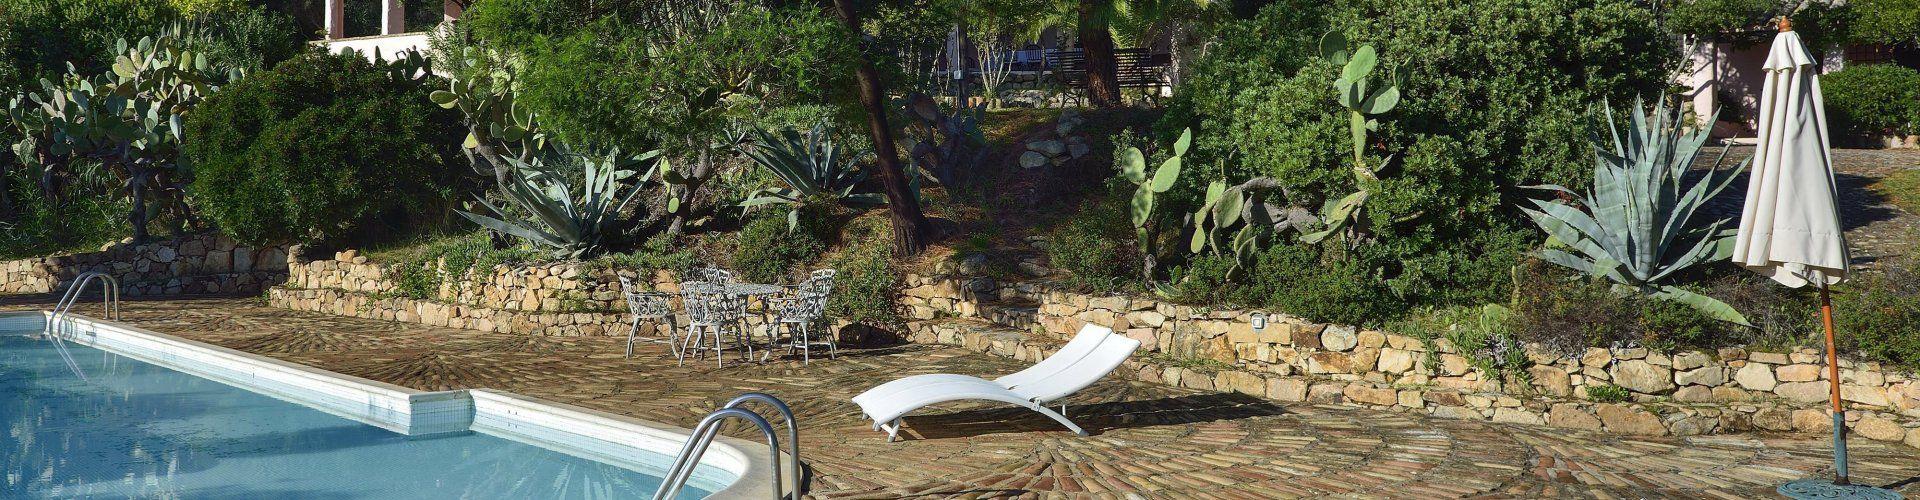 Sdraio con piscina e giardino